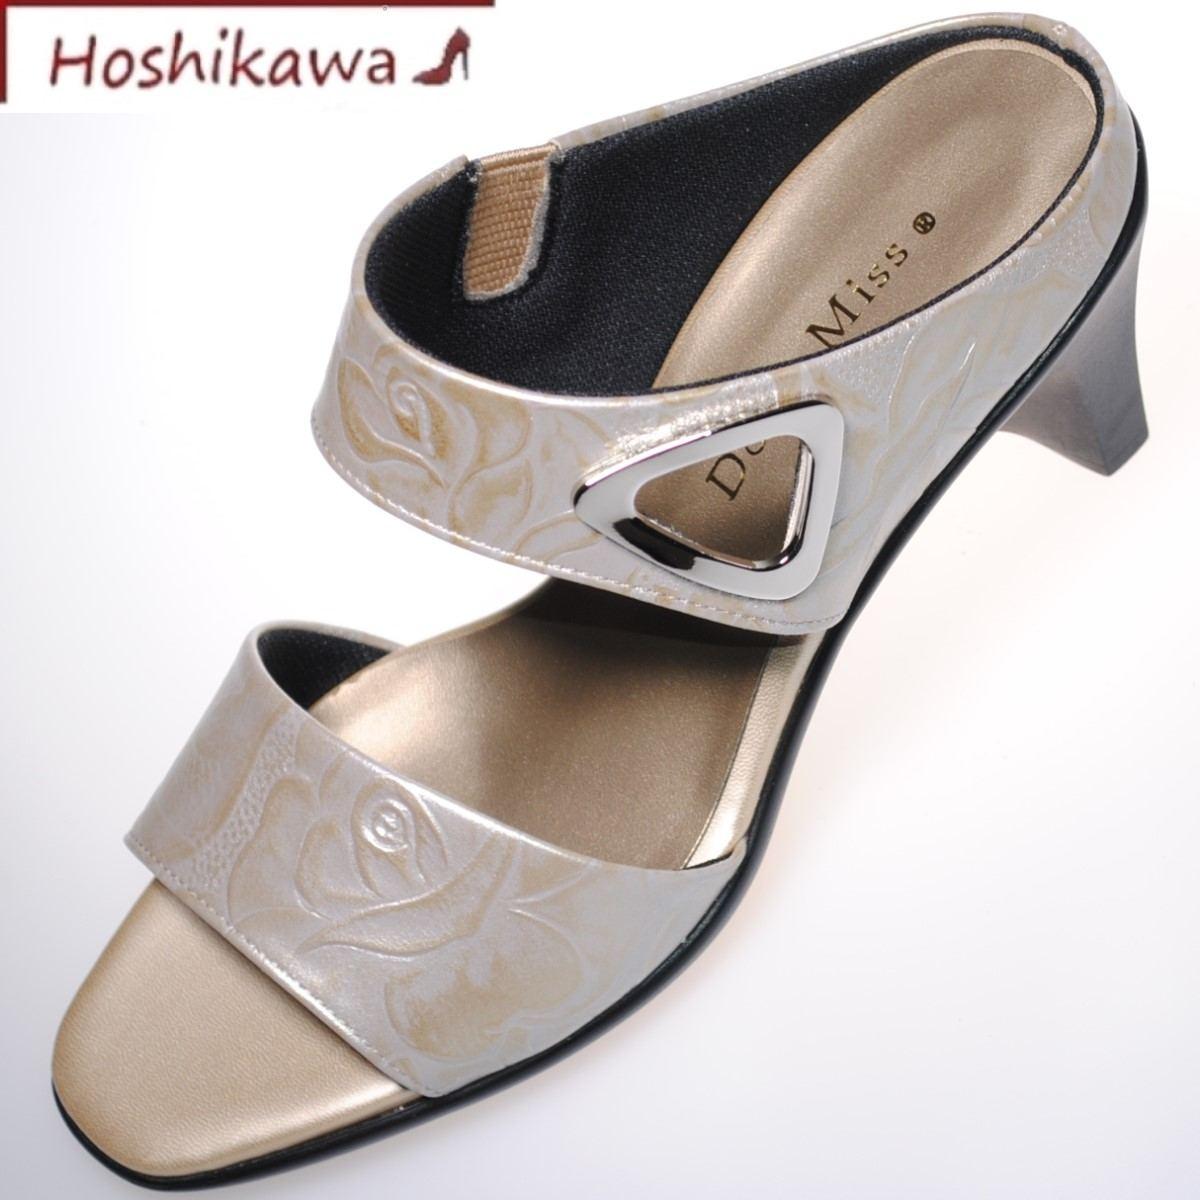 【靴のHOSHIKAWA】 『Dona Miss 335』21.5cm~24.5cm